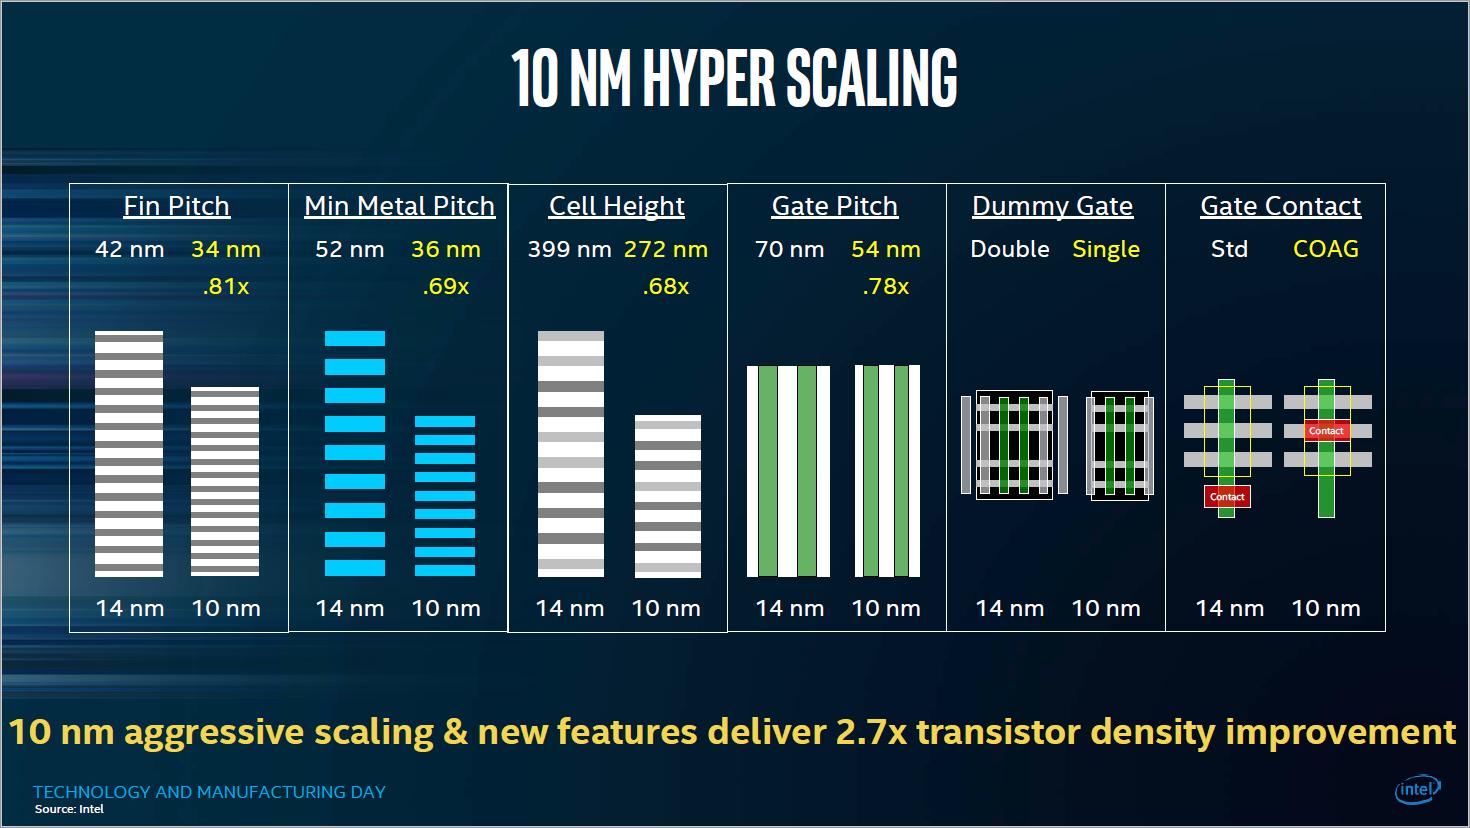 Fertigungstechnik: Das Nanometer-Marketing - Technische Daten zu 10FF (Bild: Intel)